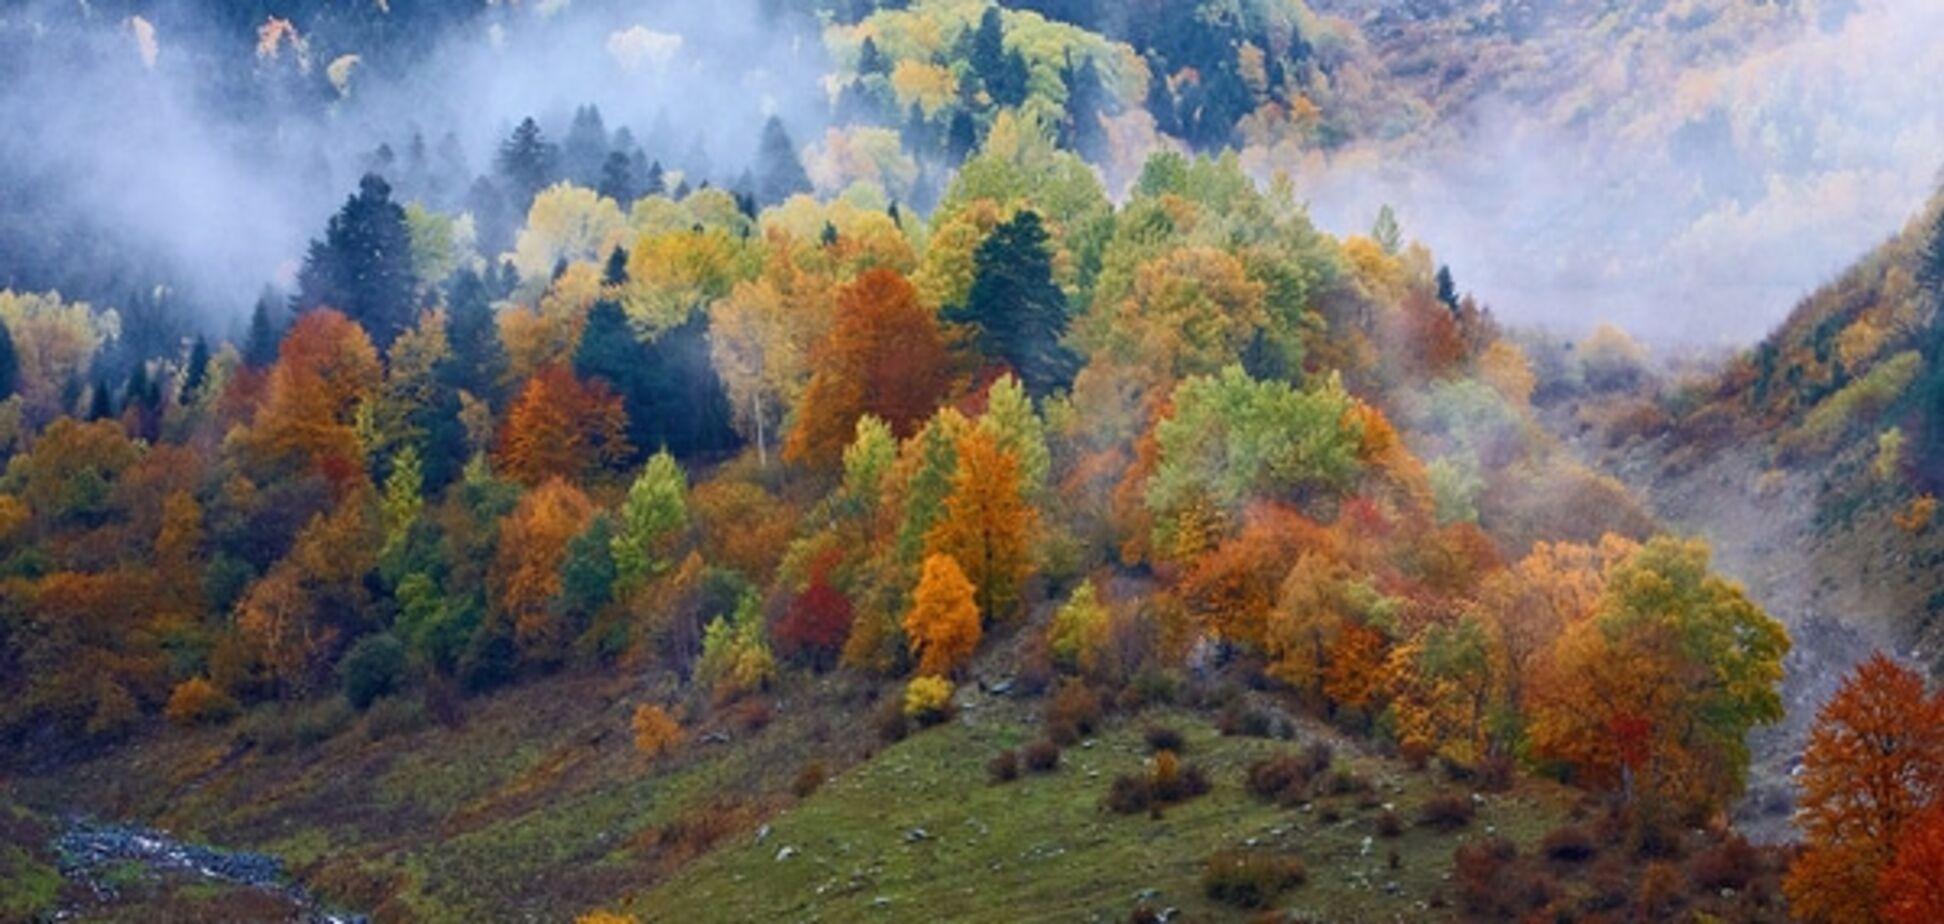 10 идей осеннего отдыха в Украине: Хэллоуин с привидениями и рыбалка в Карпатах